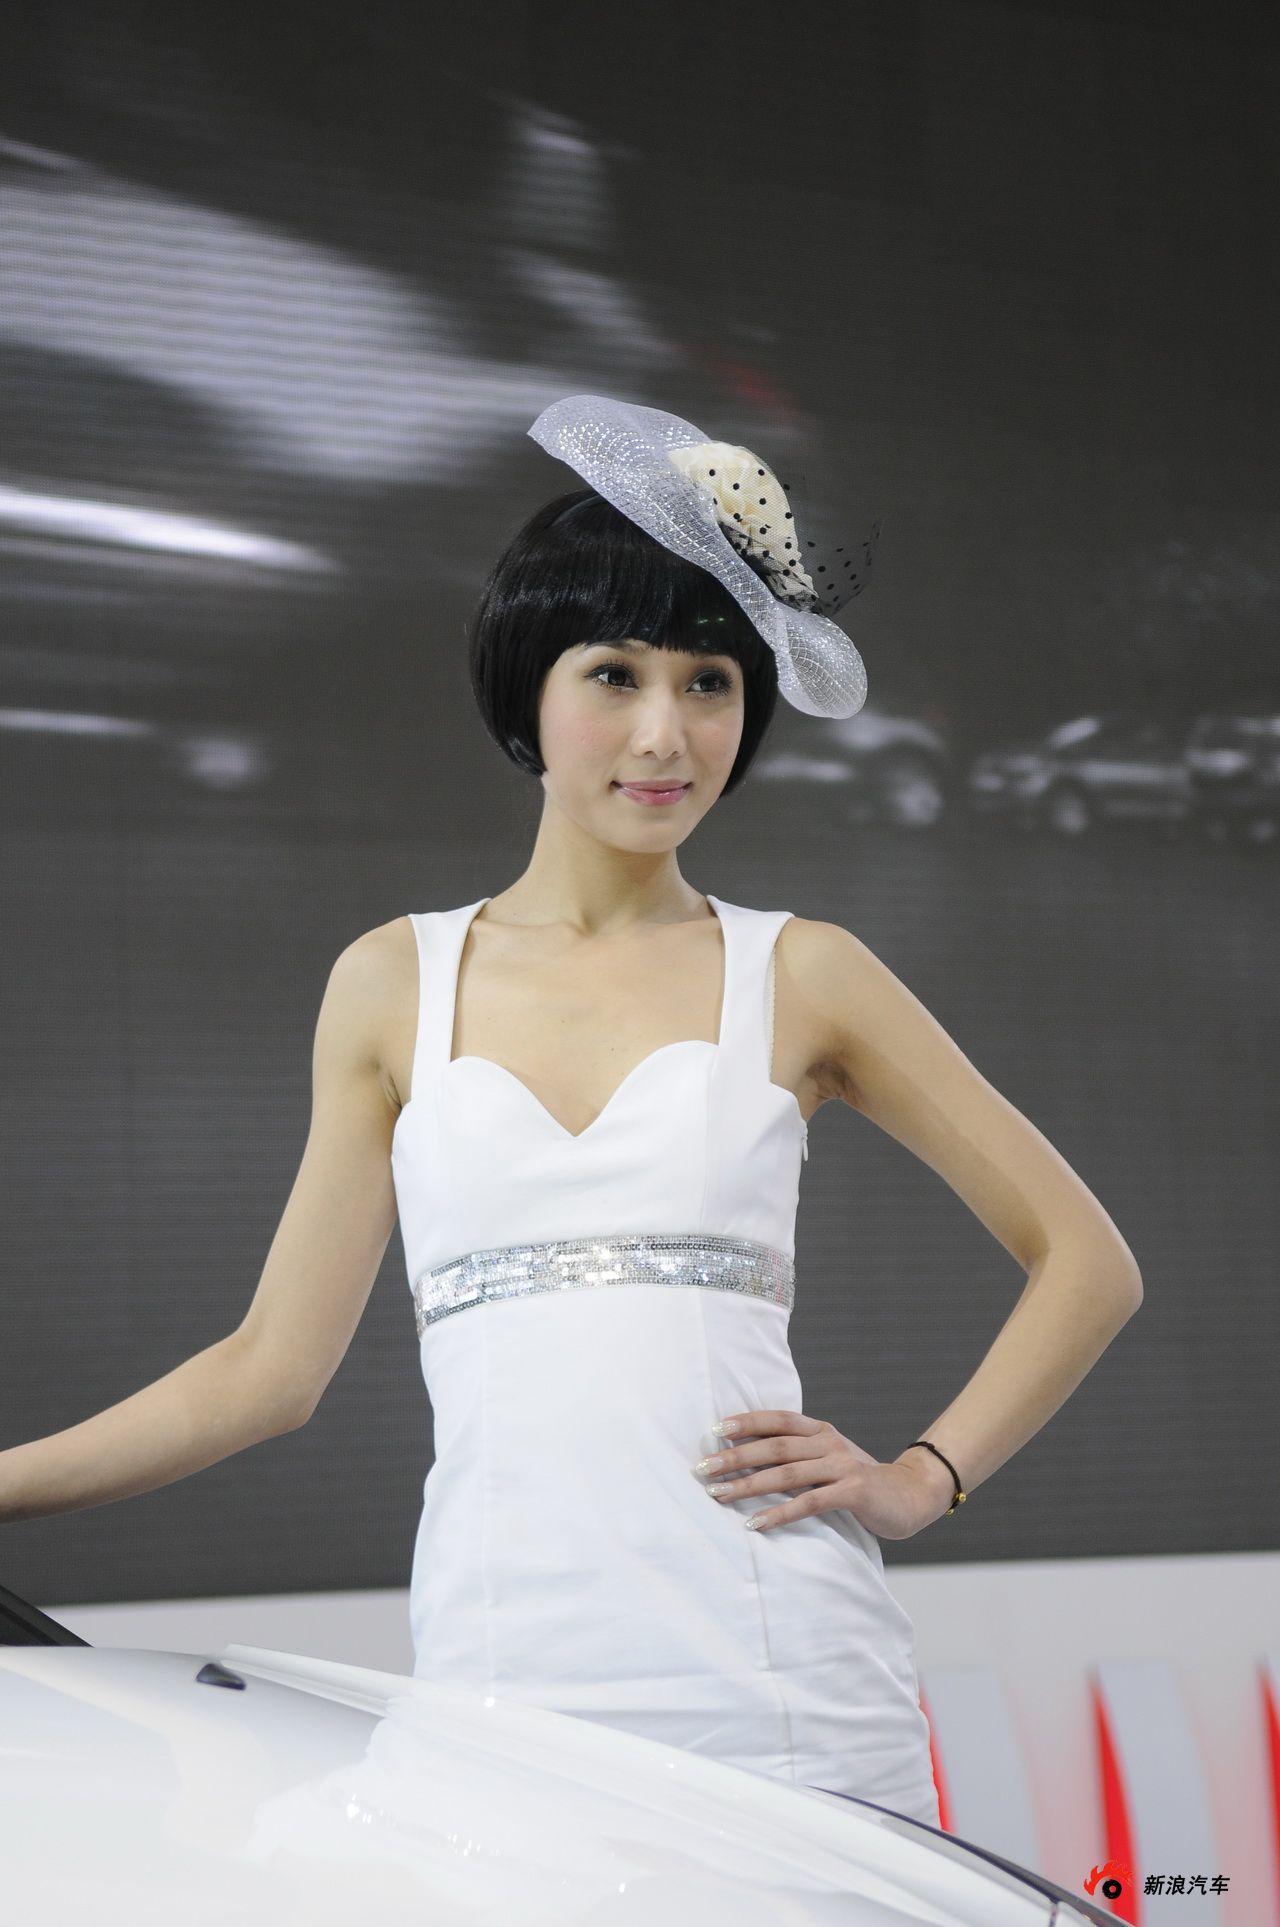 雪铁龙展台3号模特